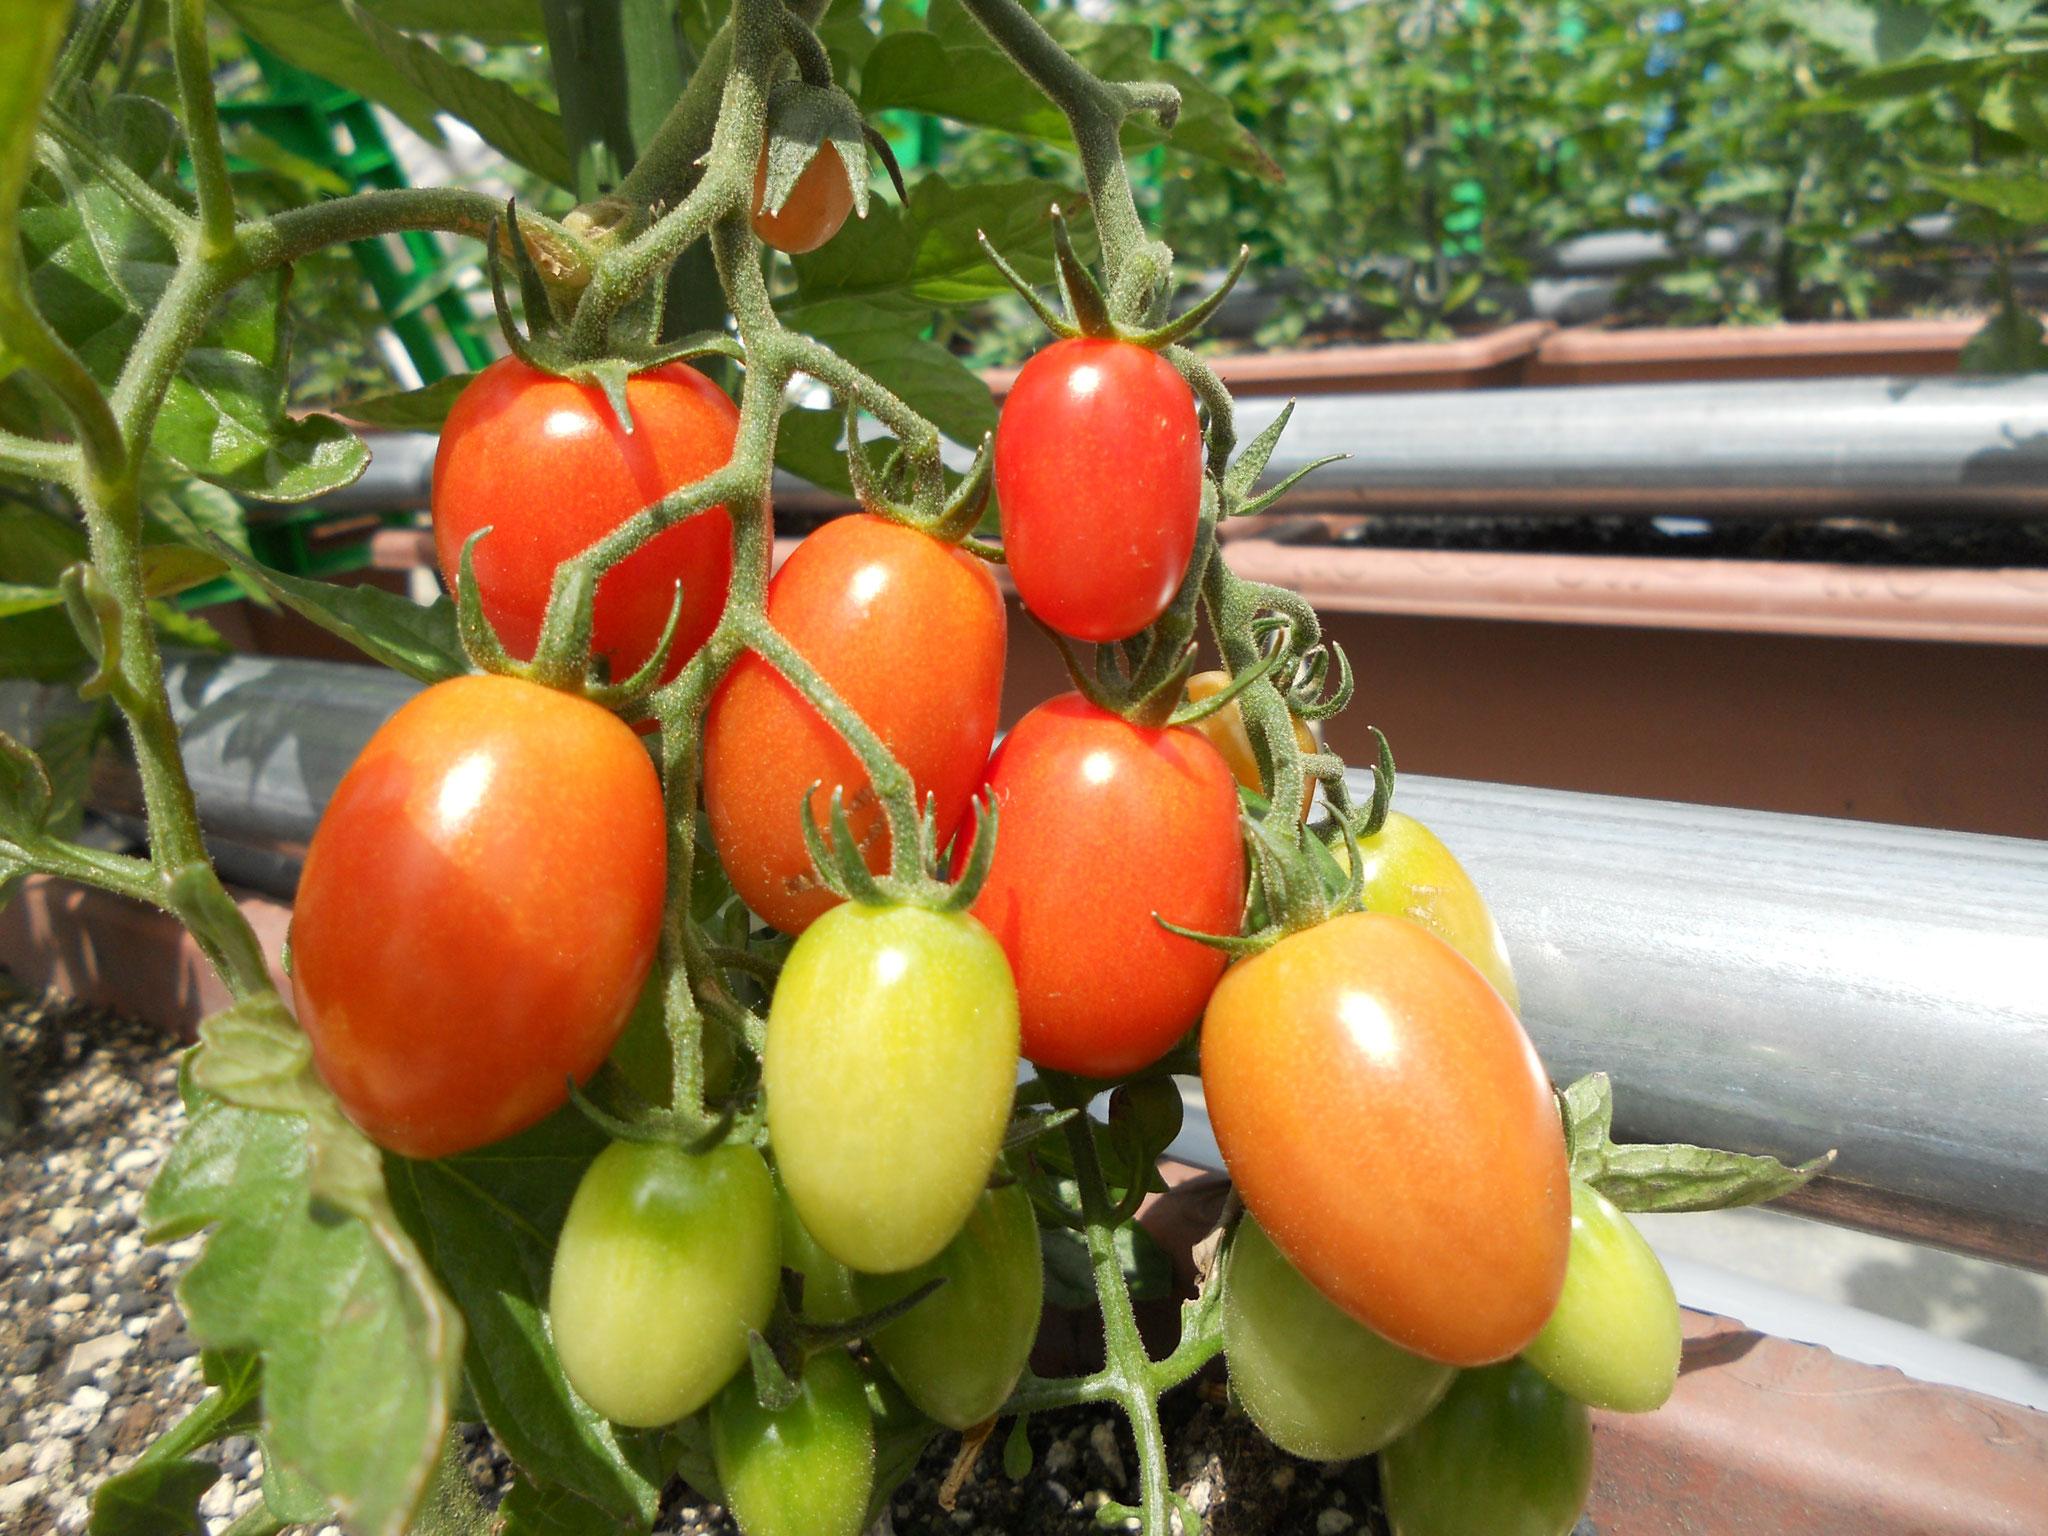 北ごみ総研のトマトボランティア:ミニトマトの収穫が始まりました!